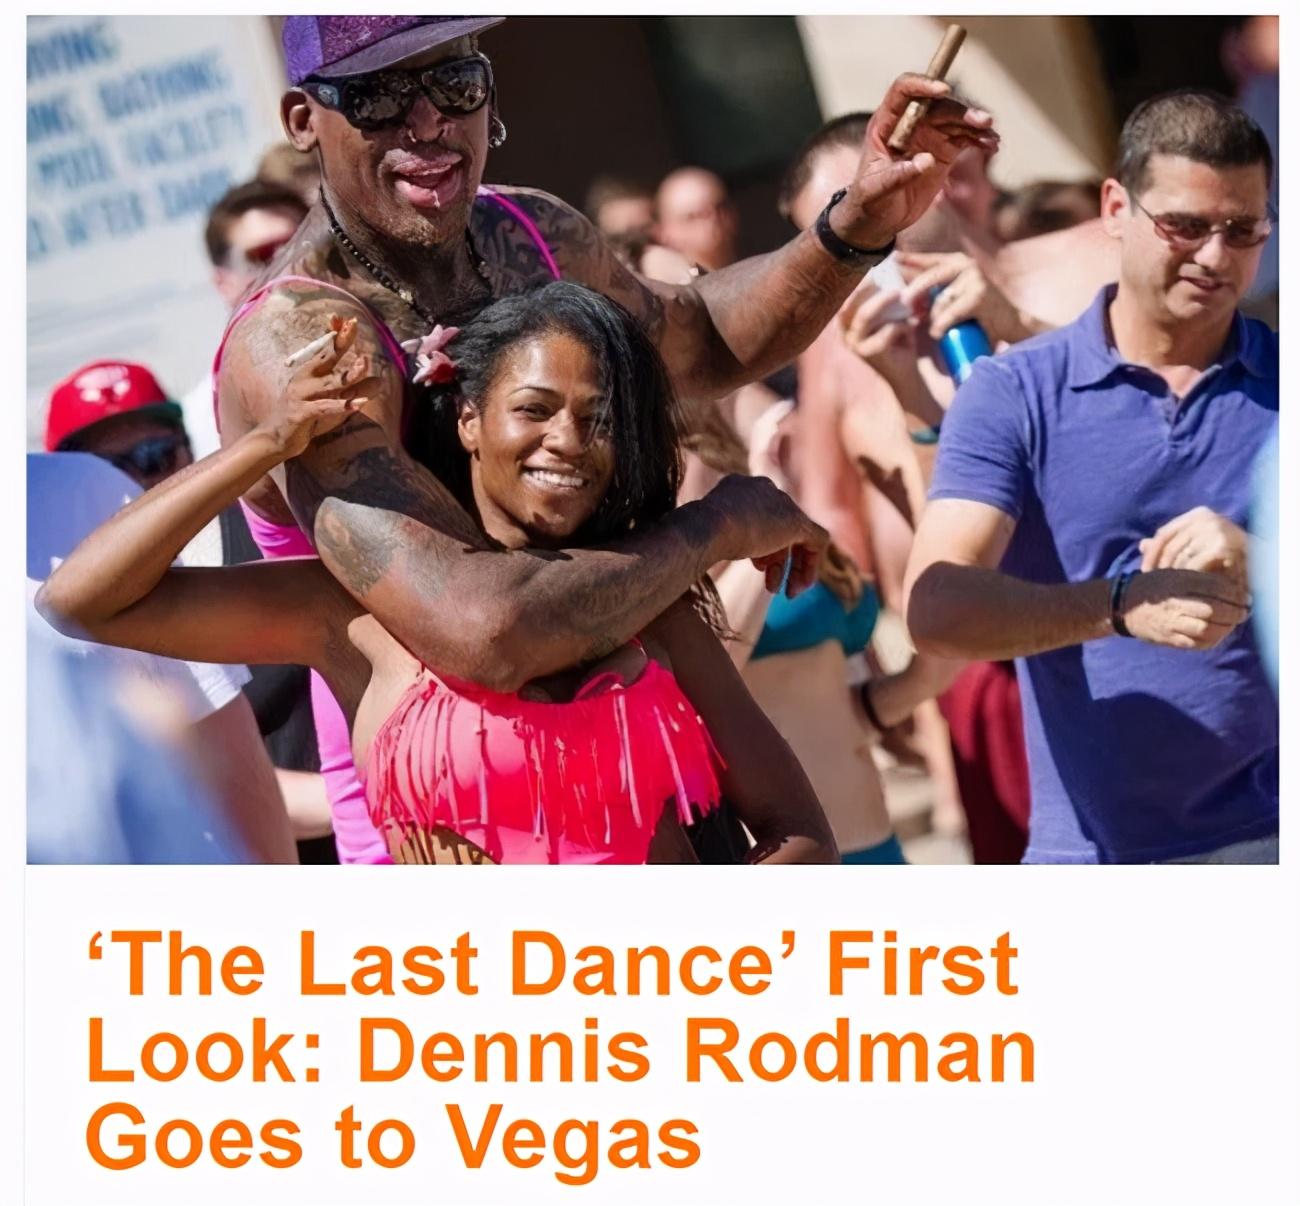 参加公牛名宿罗德曼的派对,需要10天才能恢复